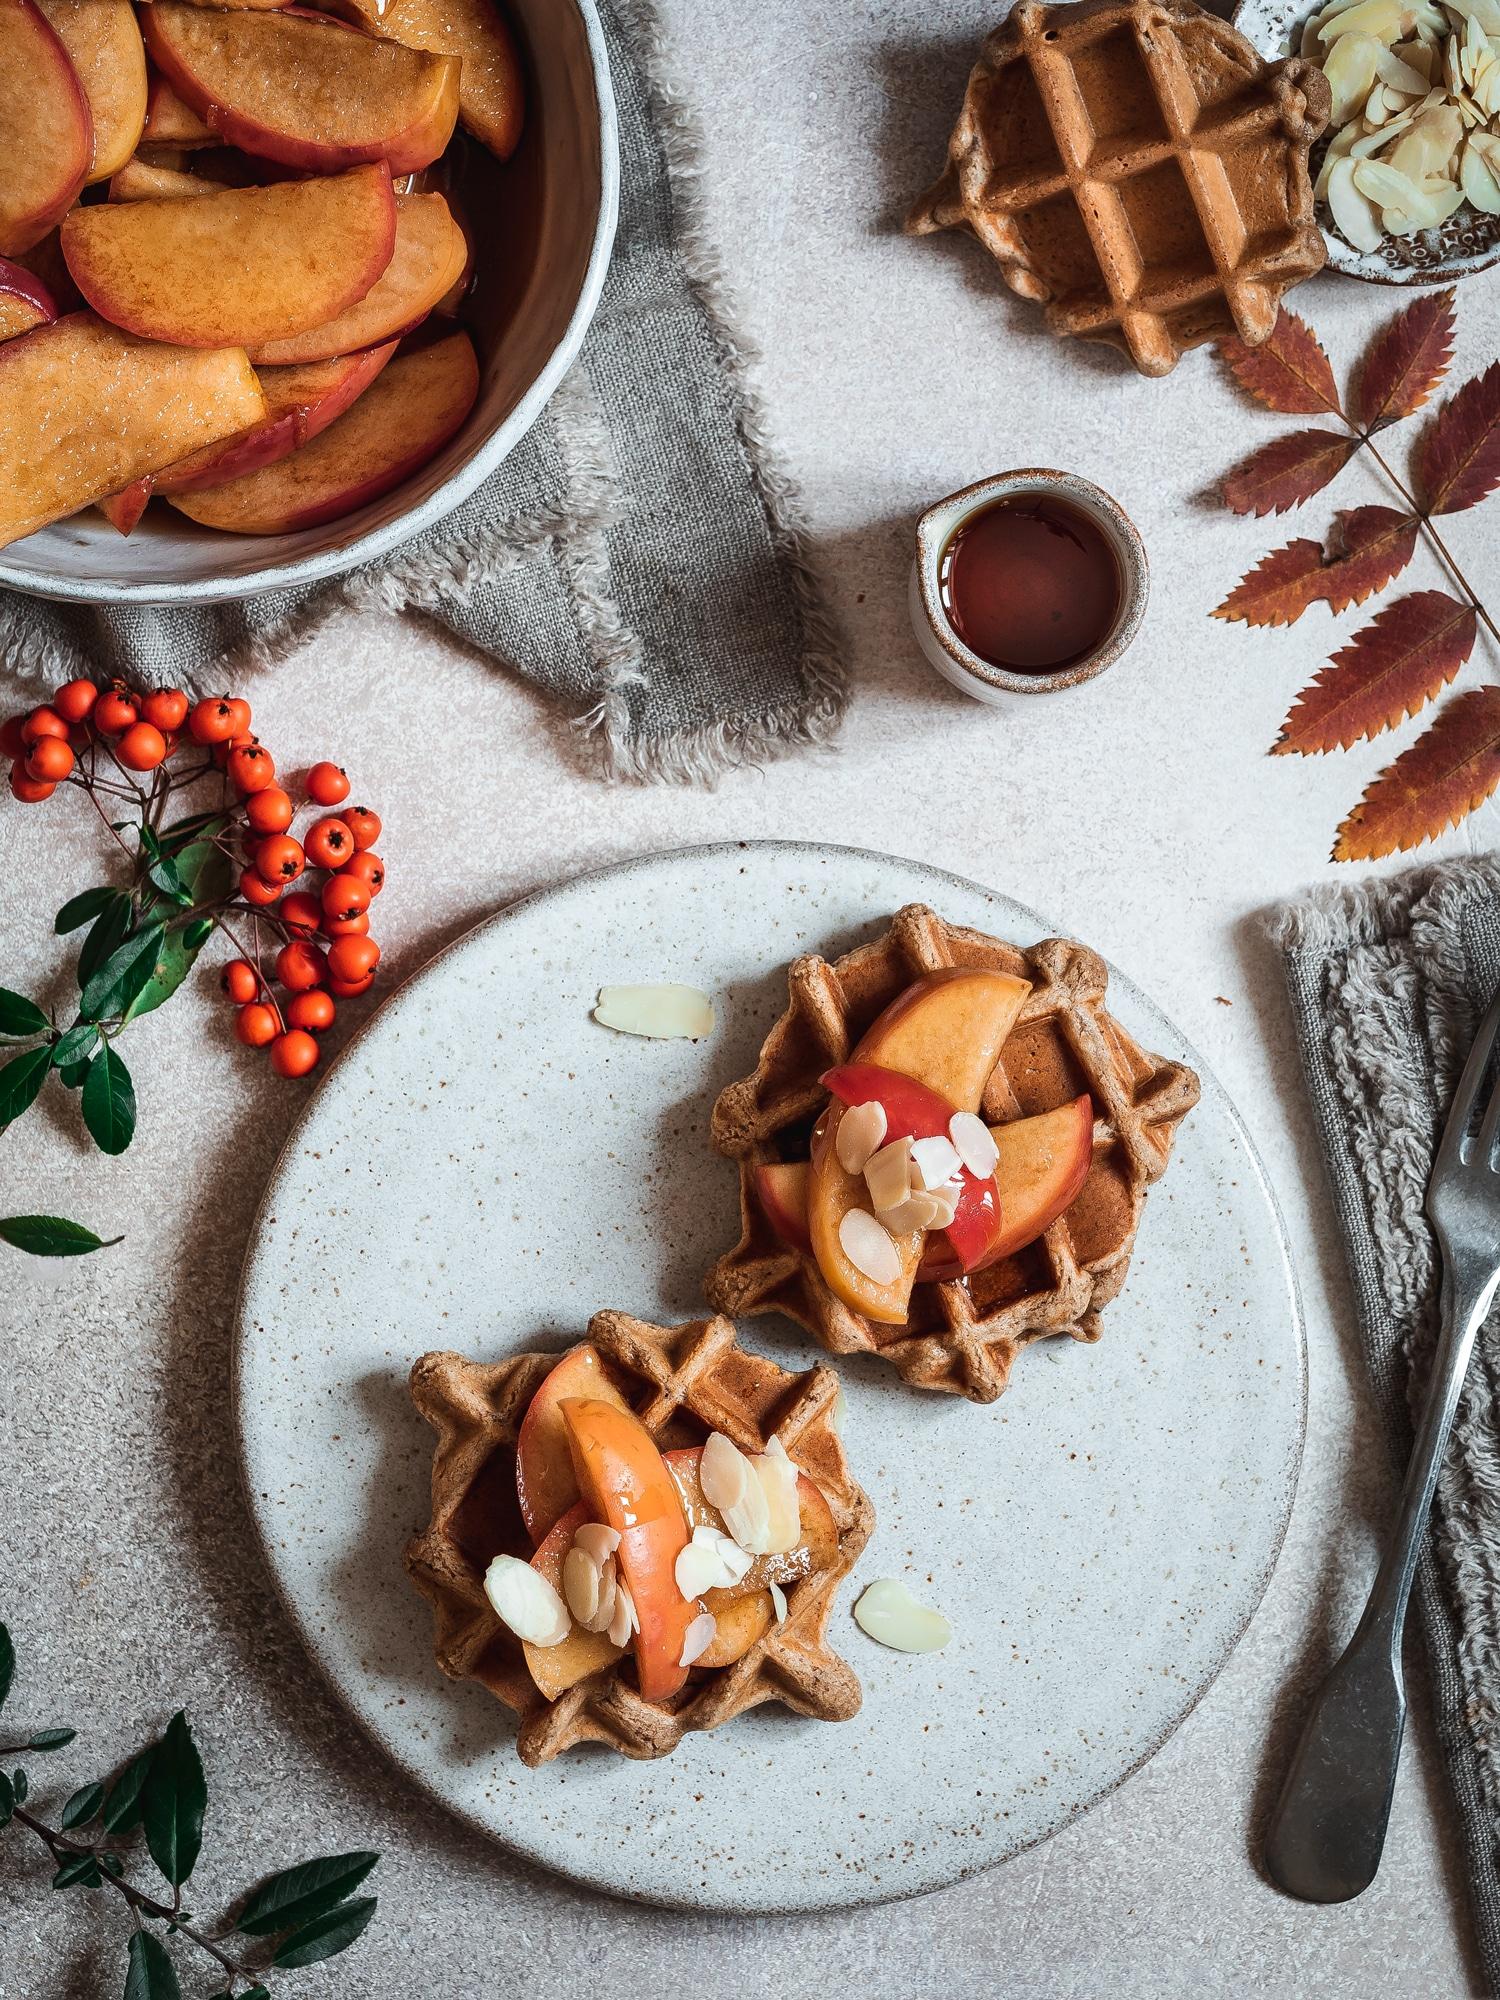 vegane Weihnachtswaffeln mit Zimt Äpfeln